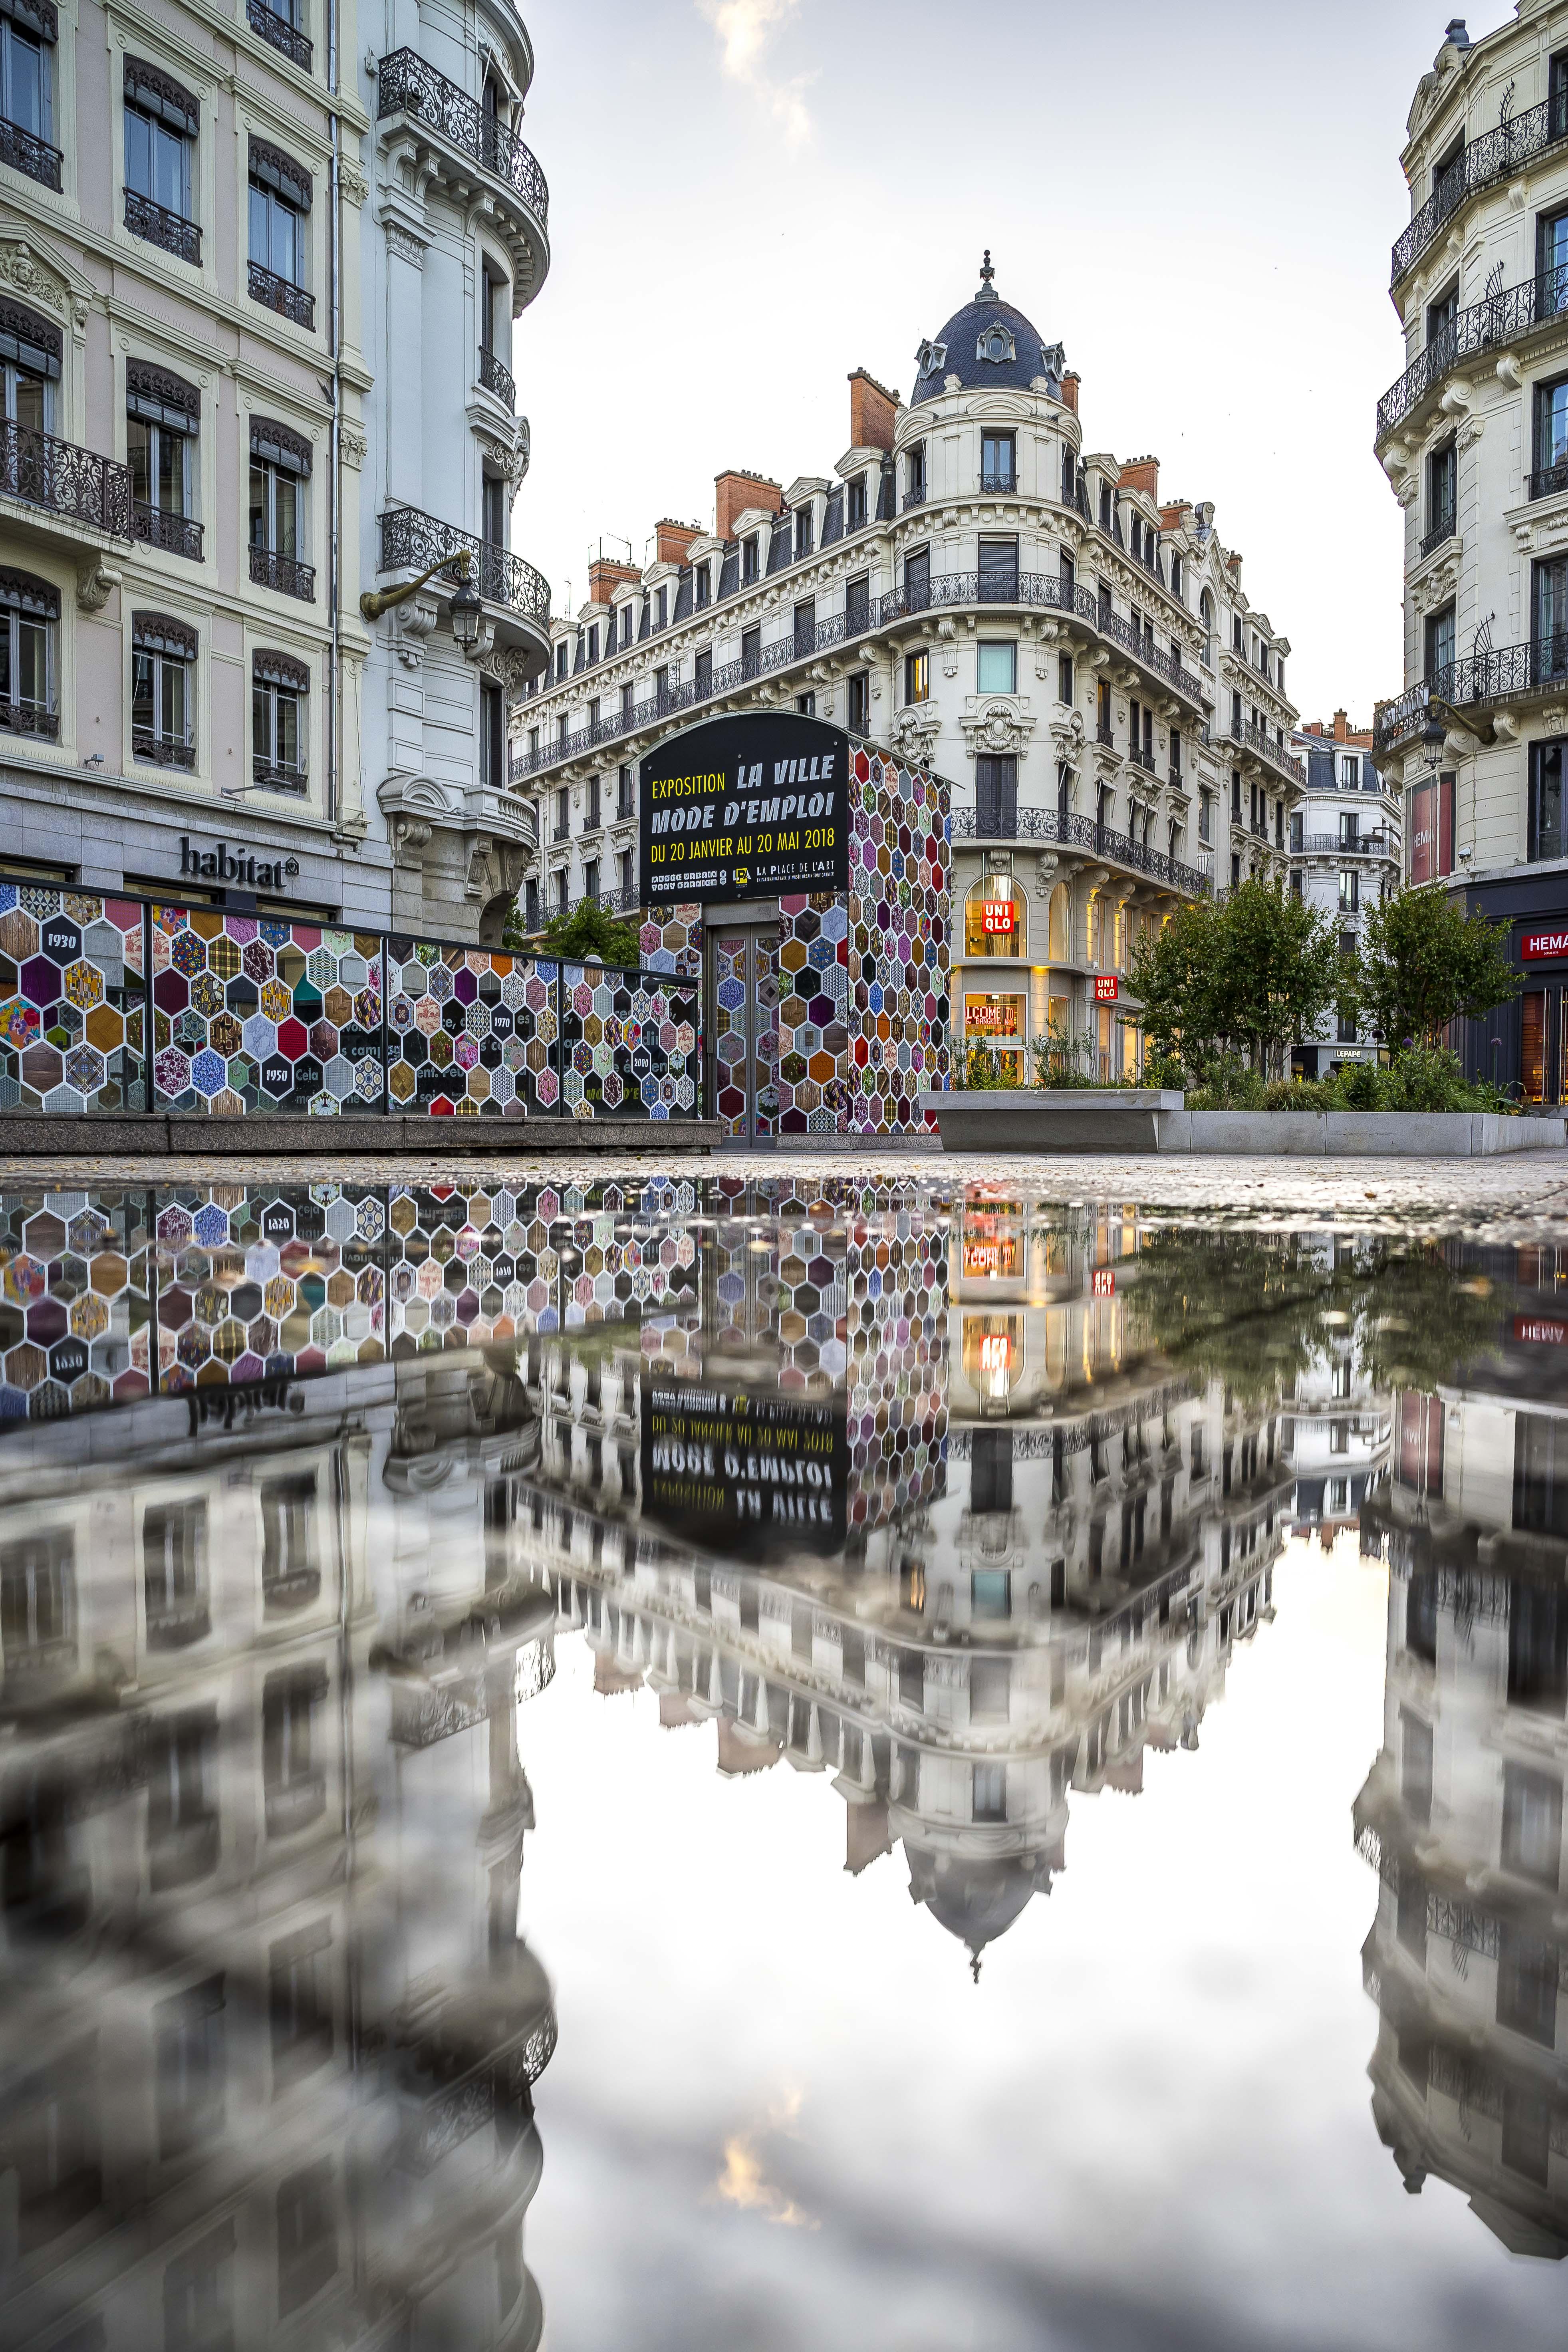 Lyon, France - Place de la République